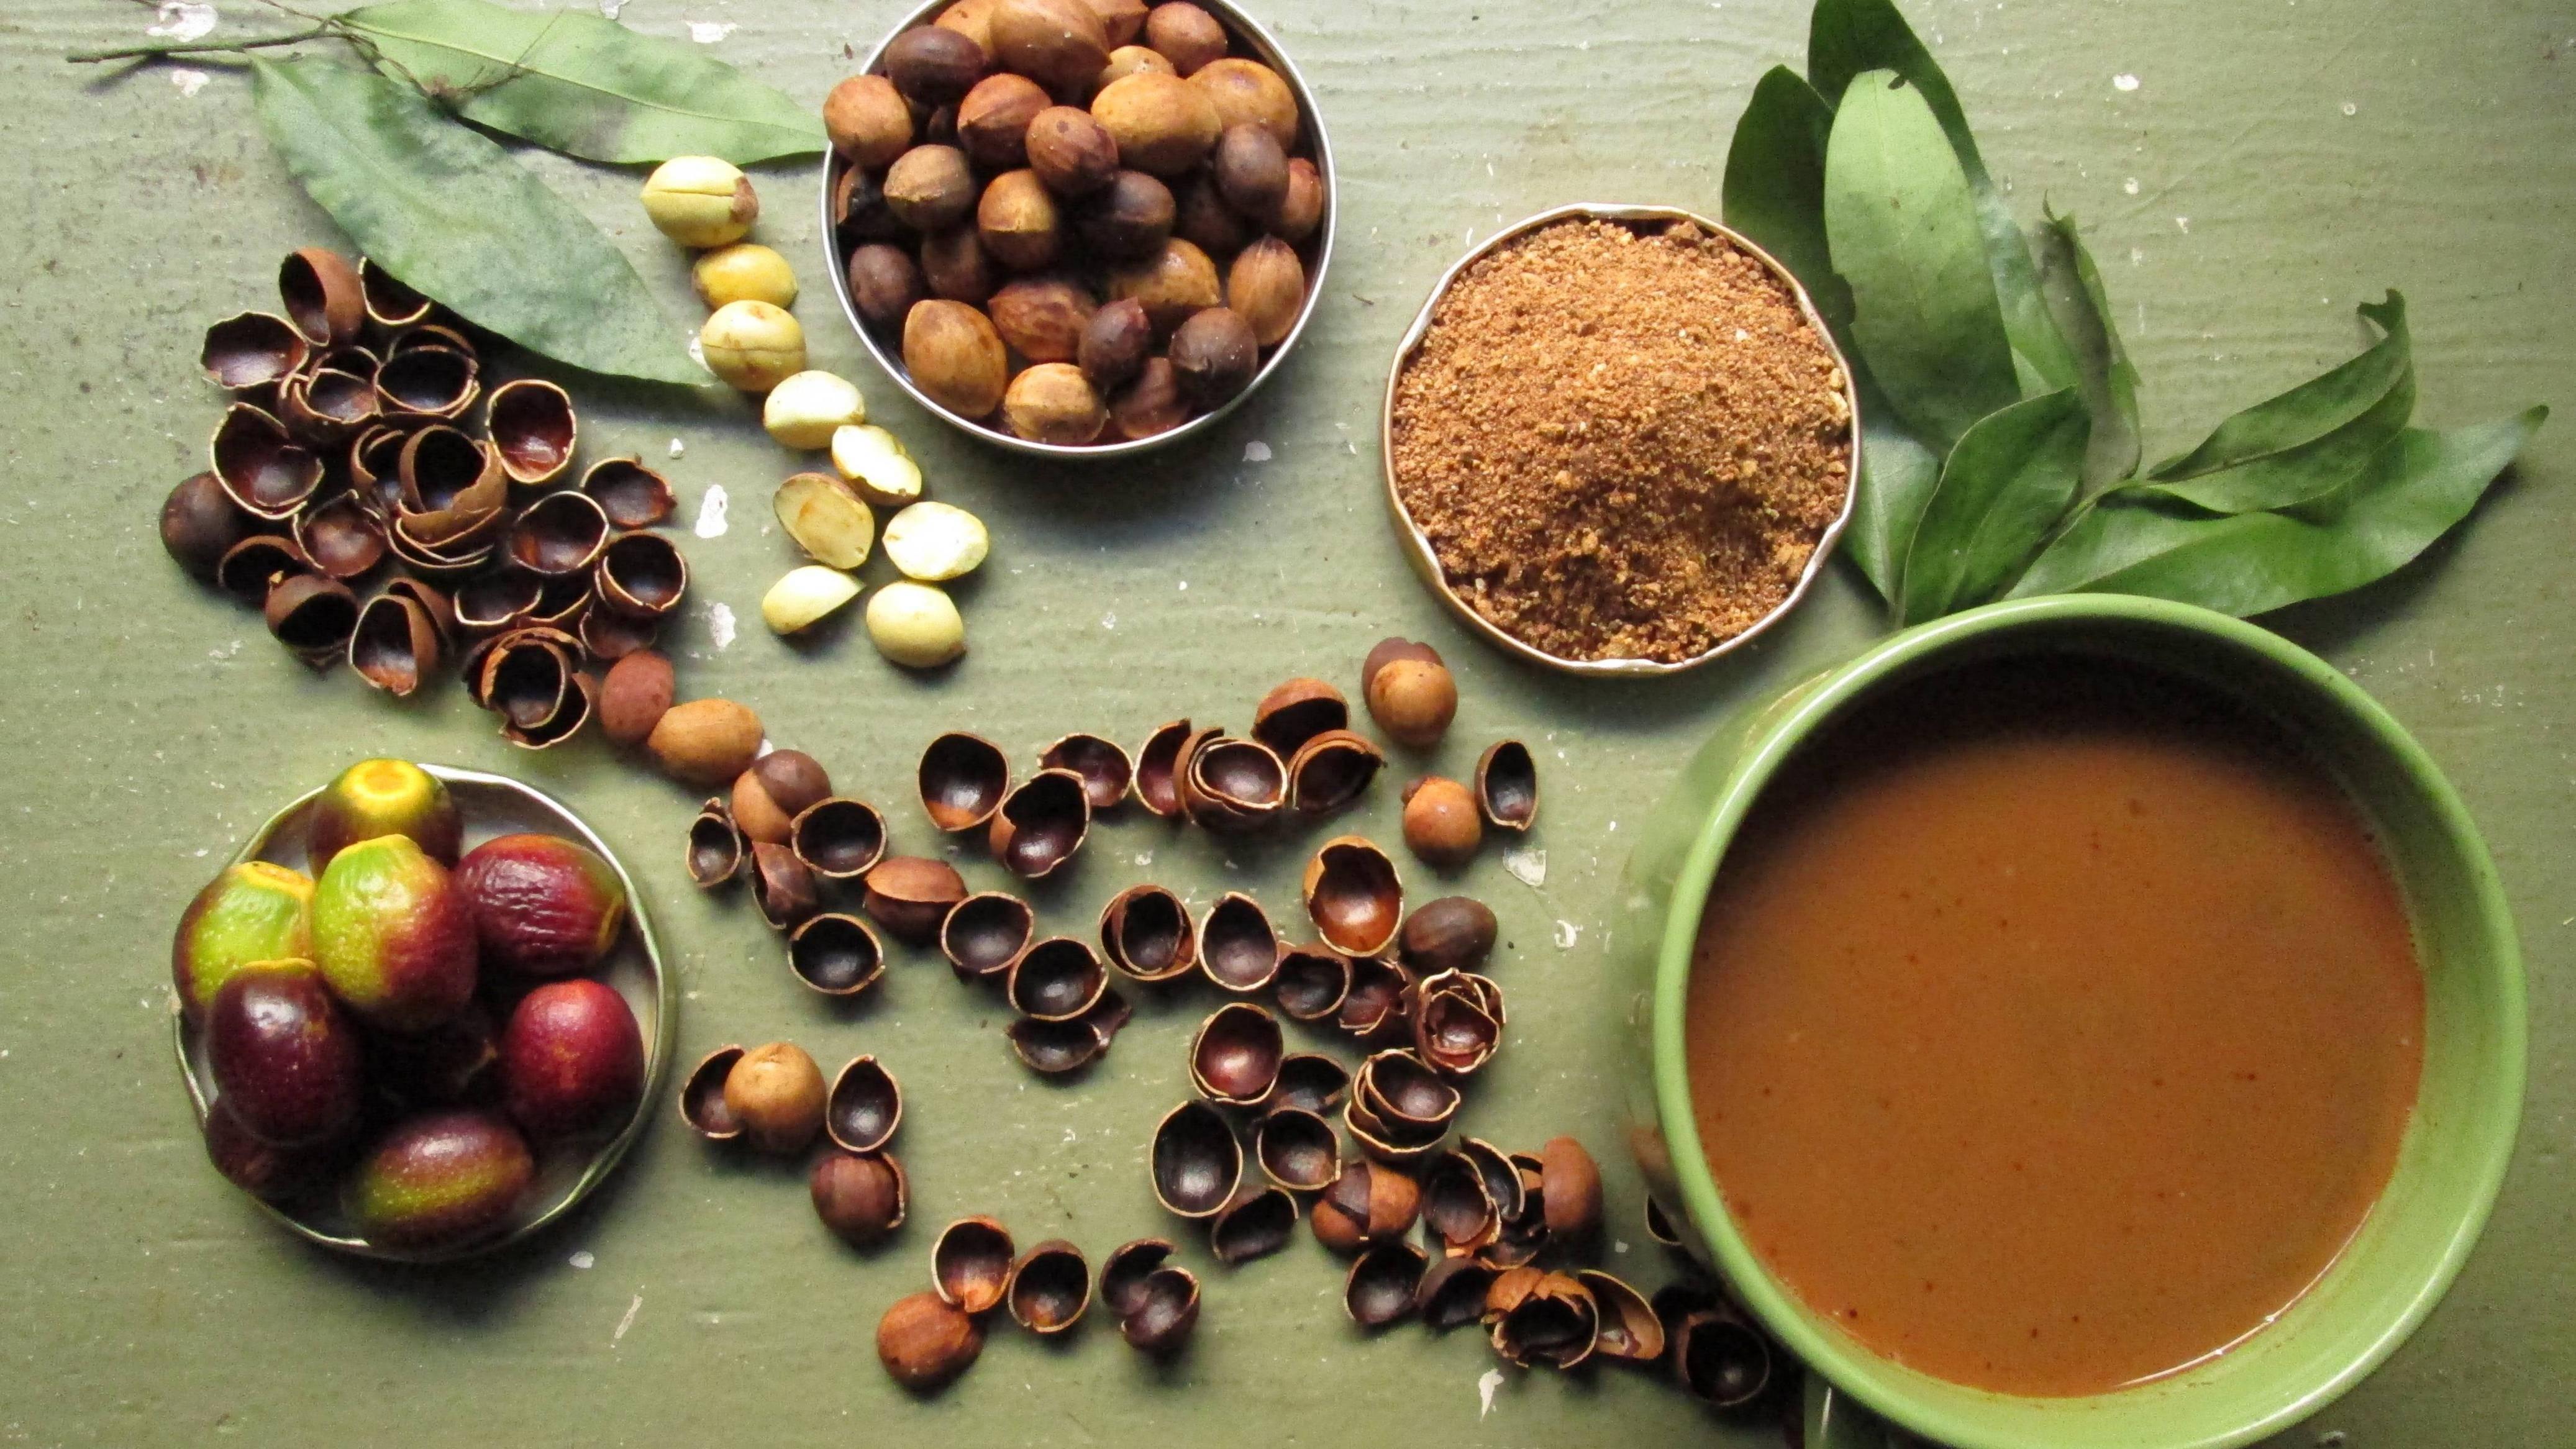 Жёлудь - описание растения и плода, полезные свойства и применение, как вырастить дуб из желудя в домашних условиях